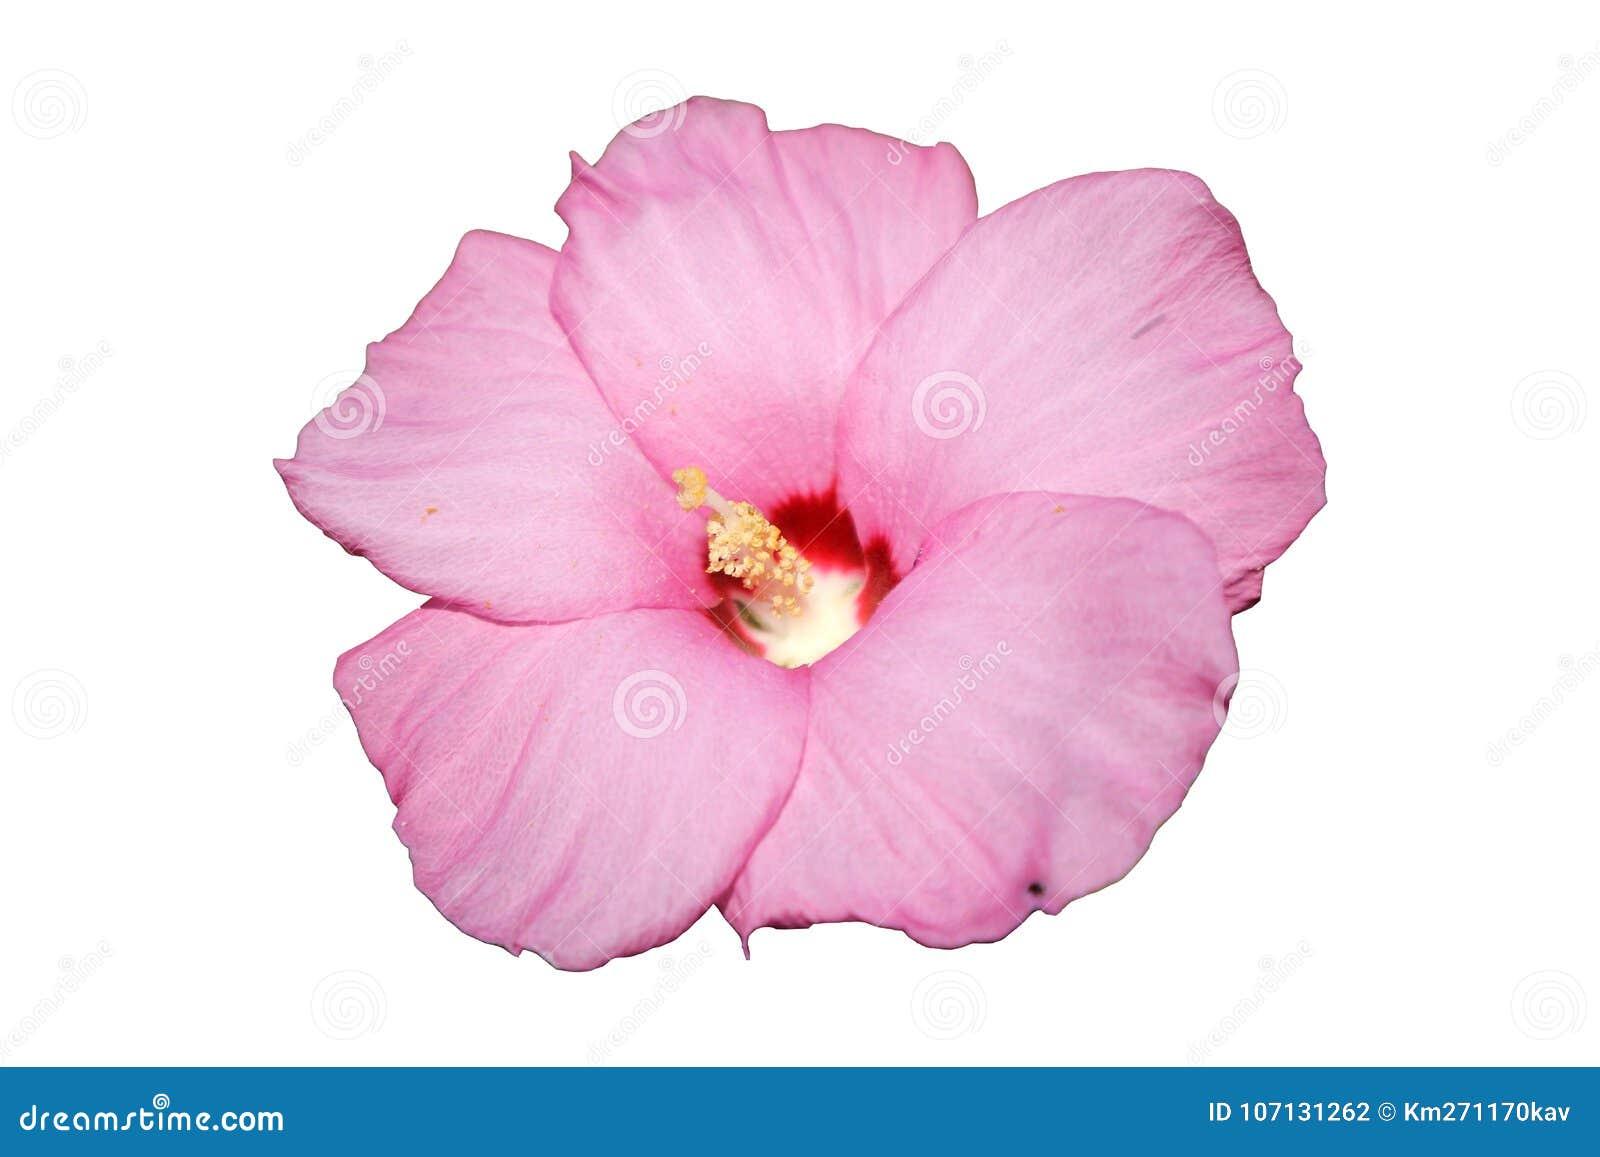 Syrian Ketmia Pale Pink Rose Of Sharon Hamabo Flower Stock Photo